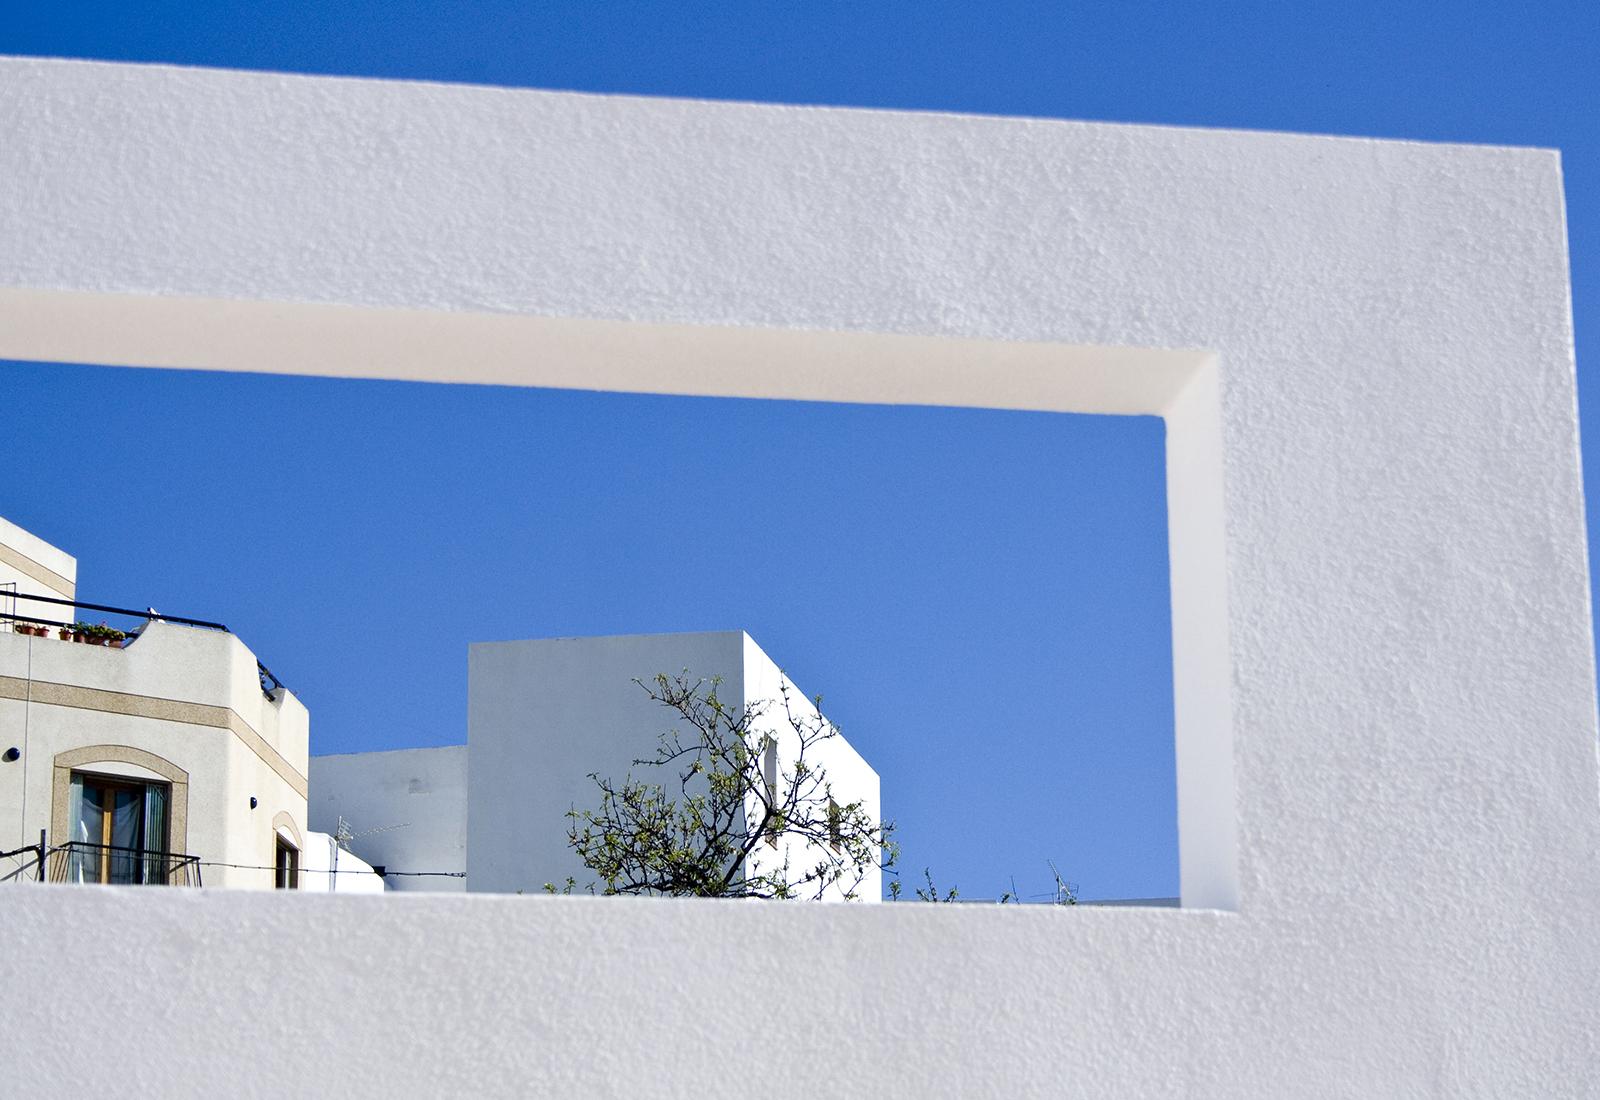 muro_pueblo_1600x1100